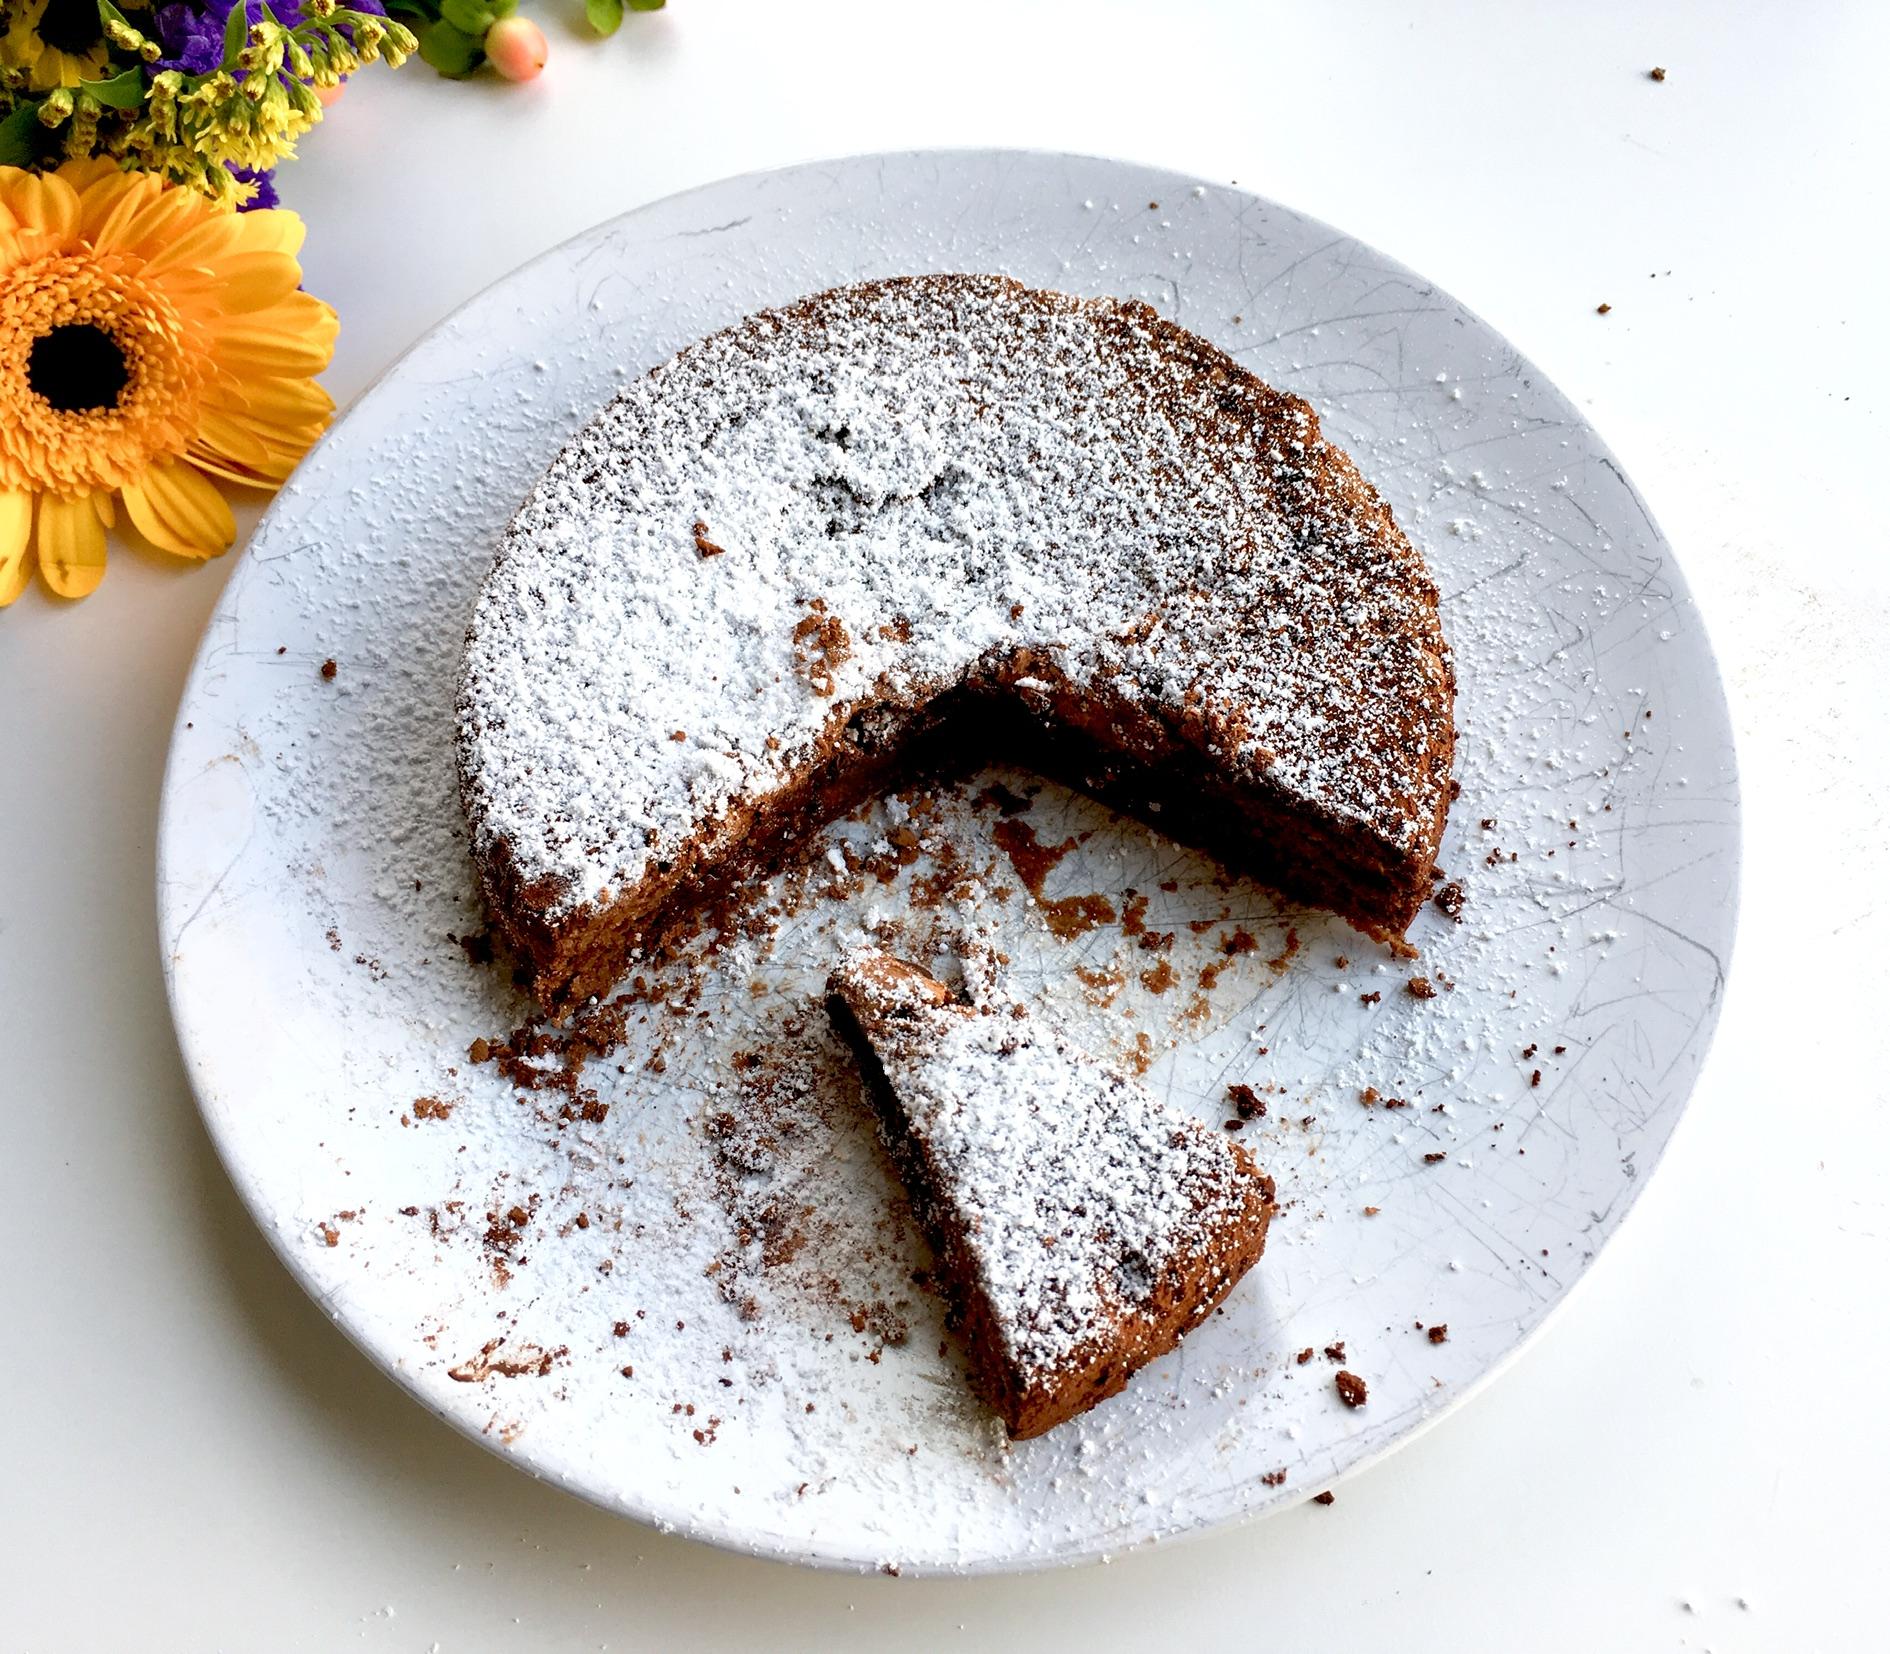 Rezept für Kladdkaka – ein saftiger Schokoladenkuchen (zuckerfrei)